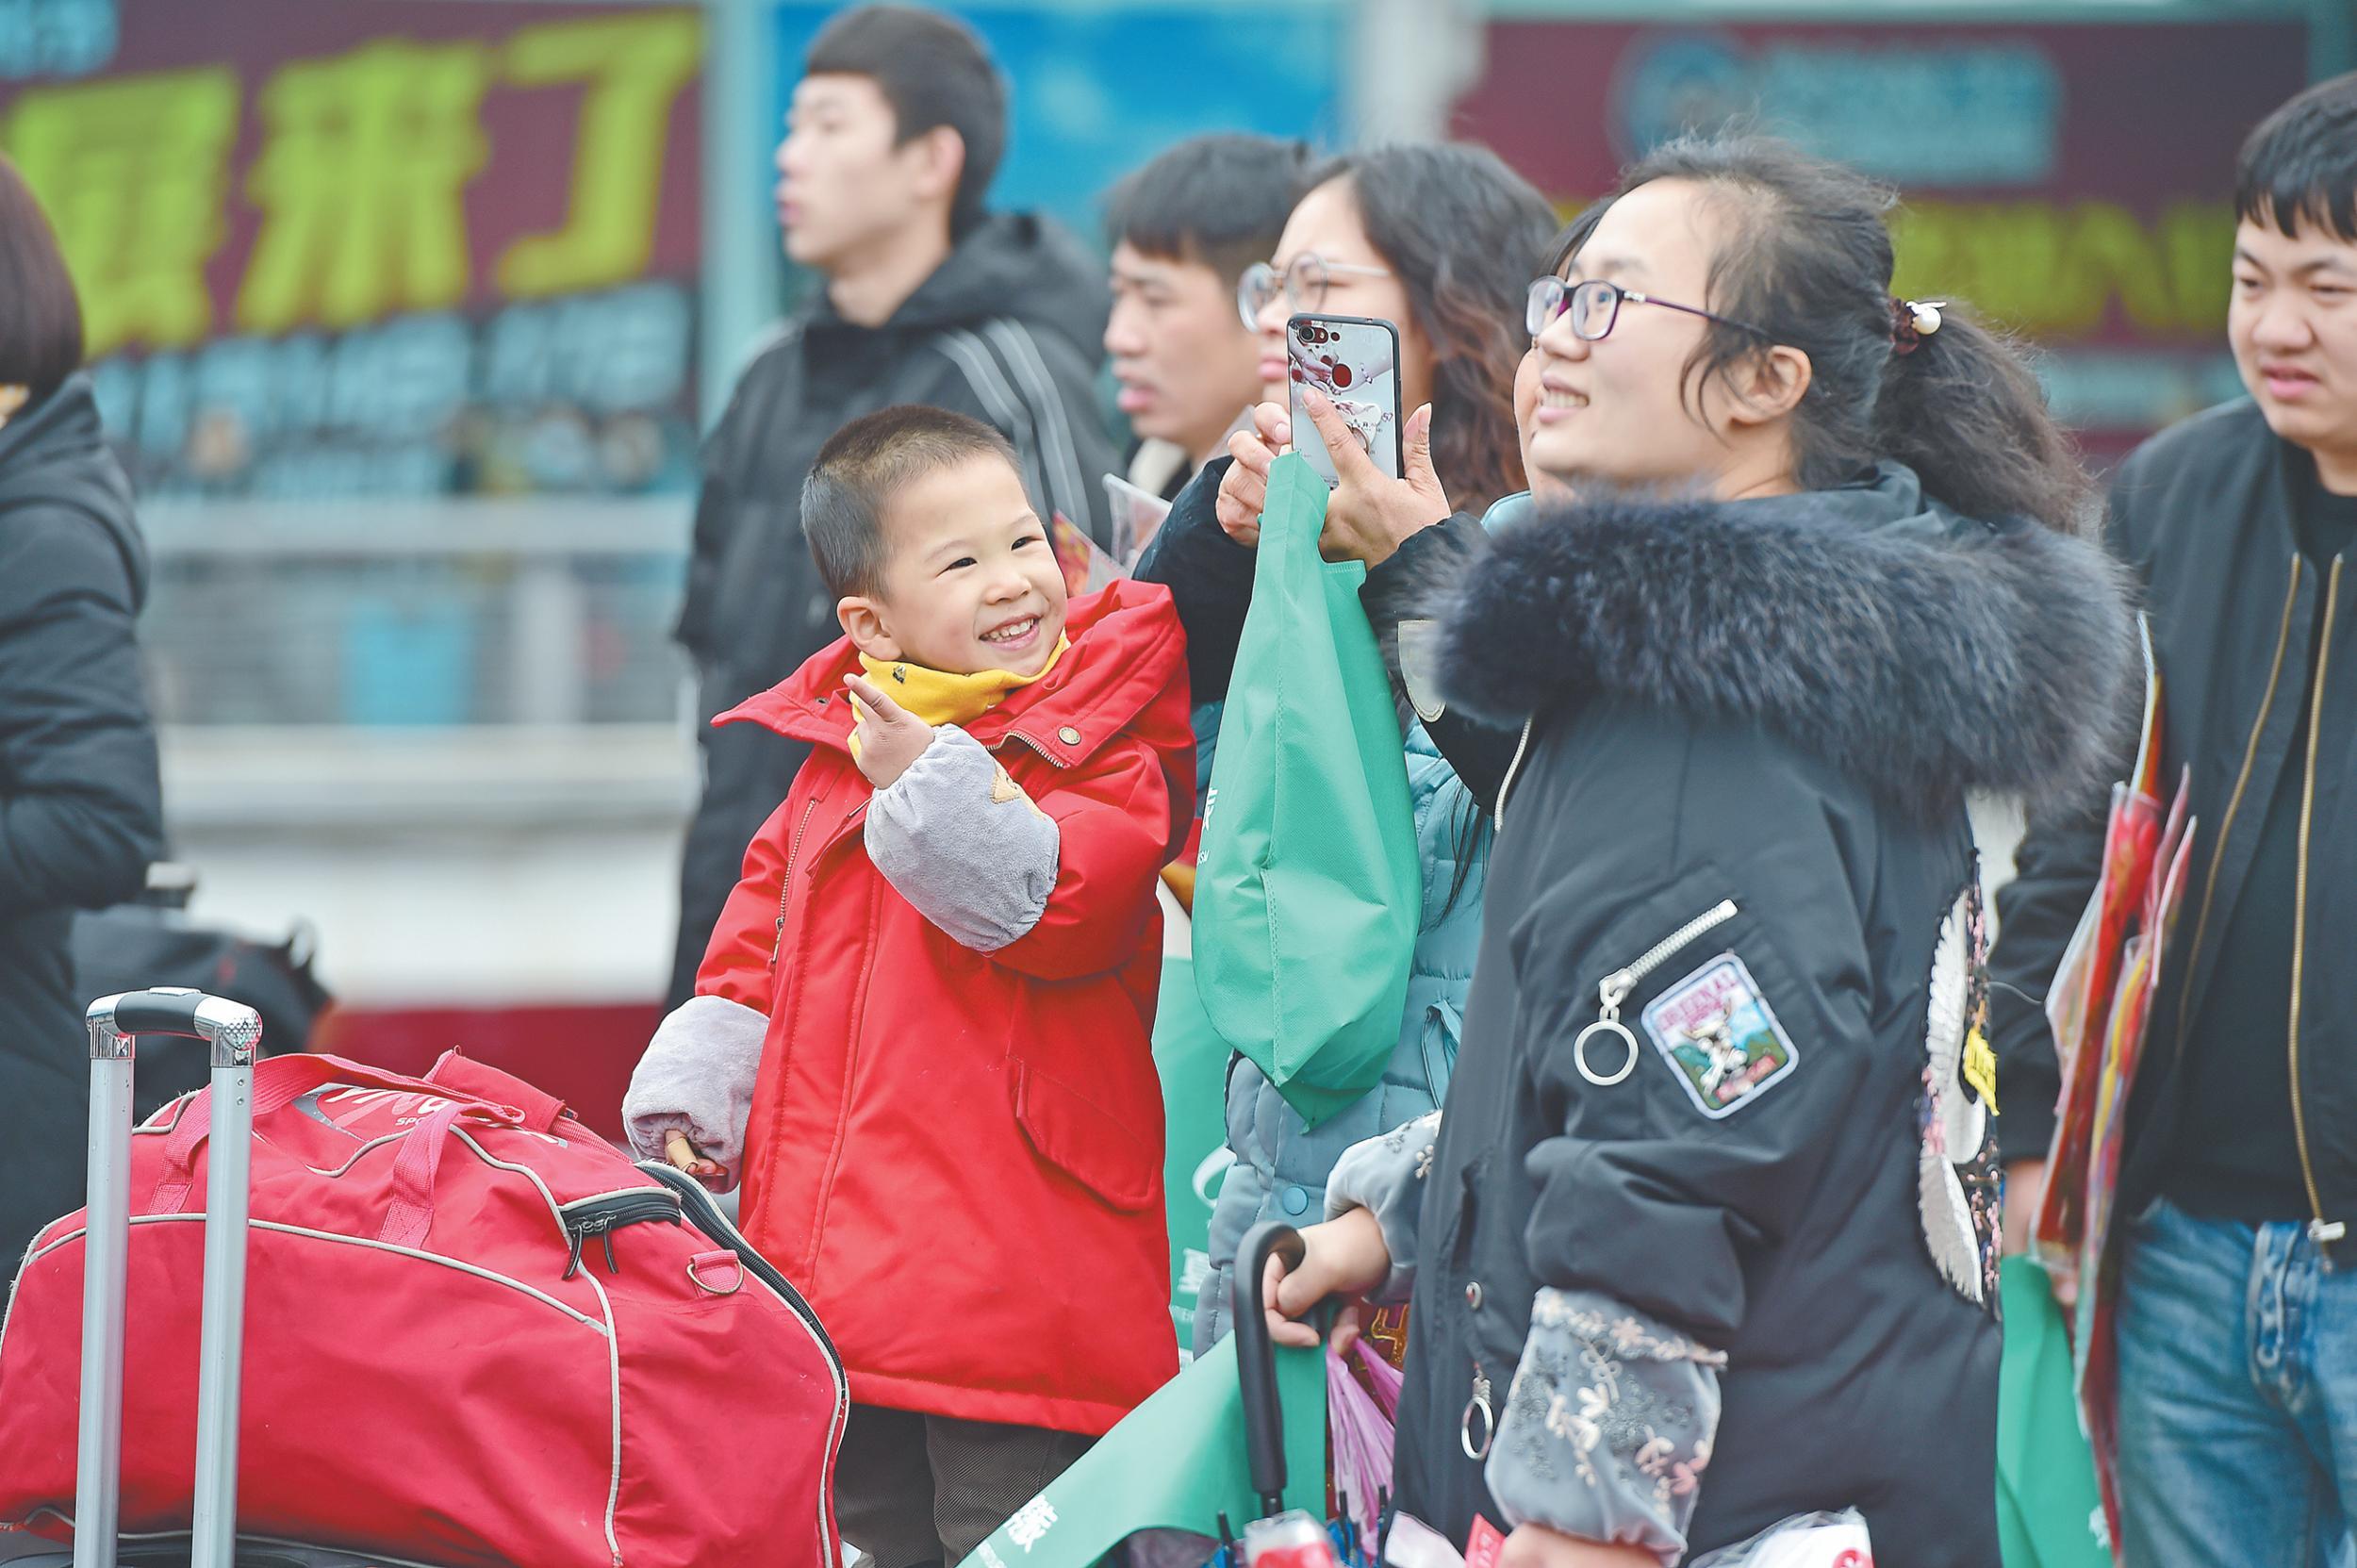 义乌:春运路上,幸福感满满